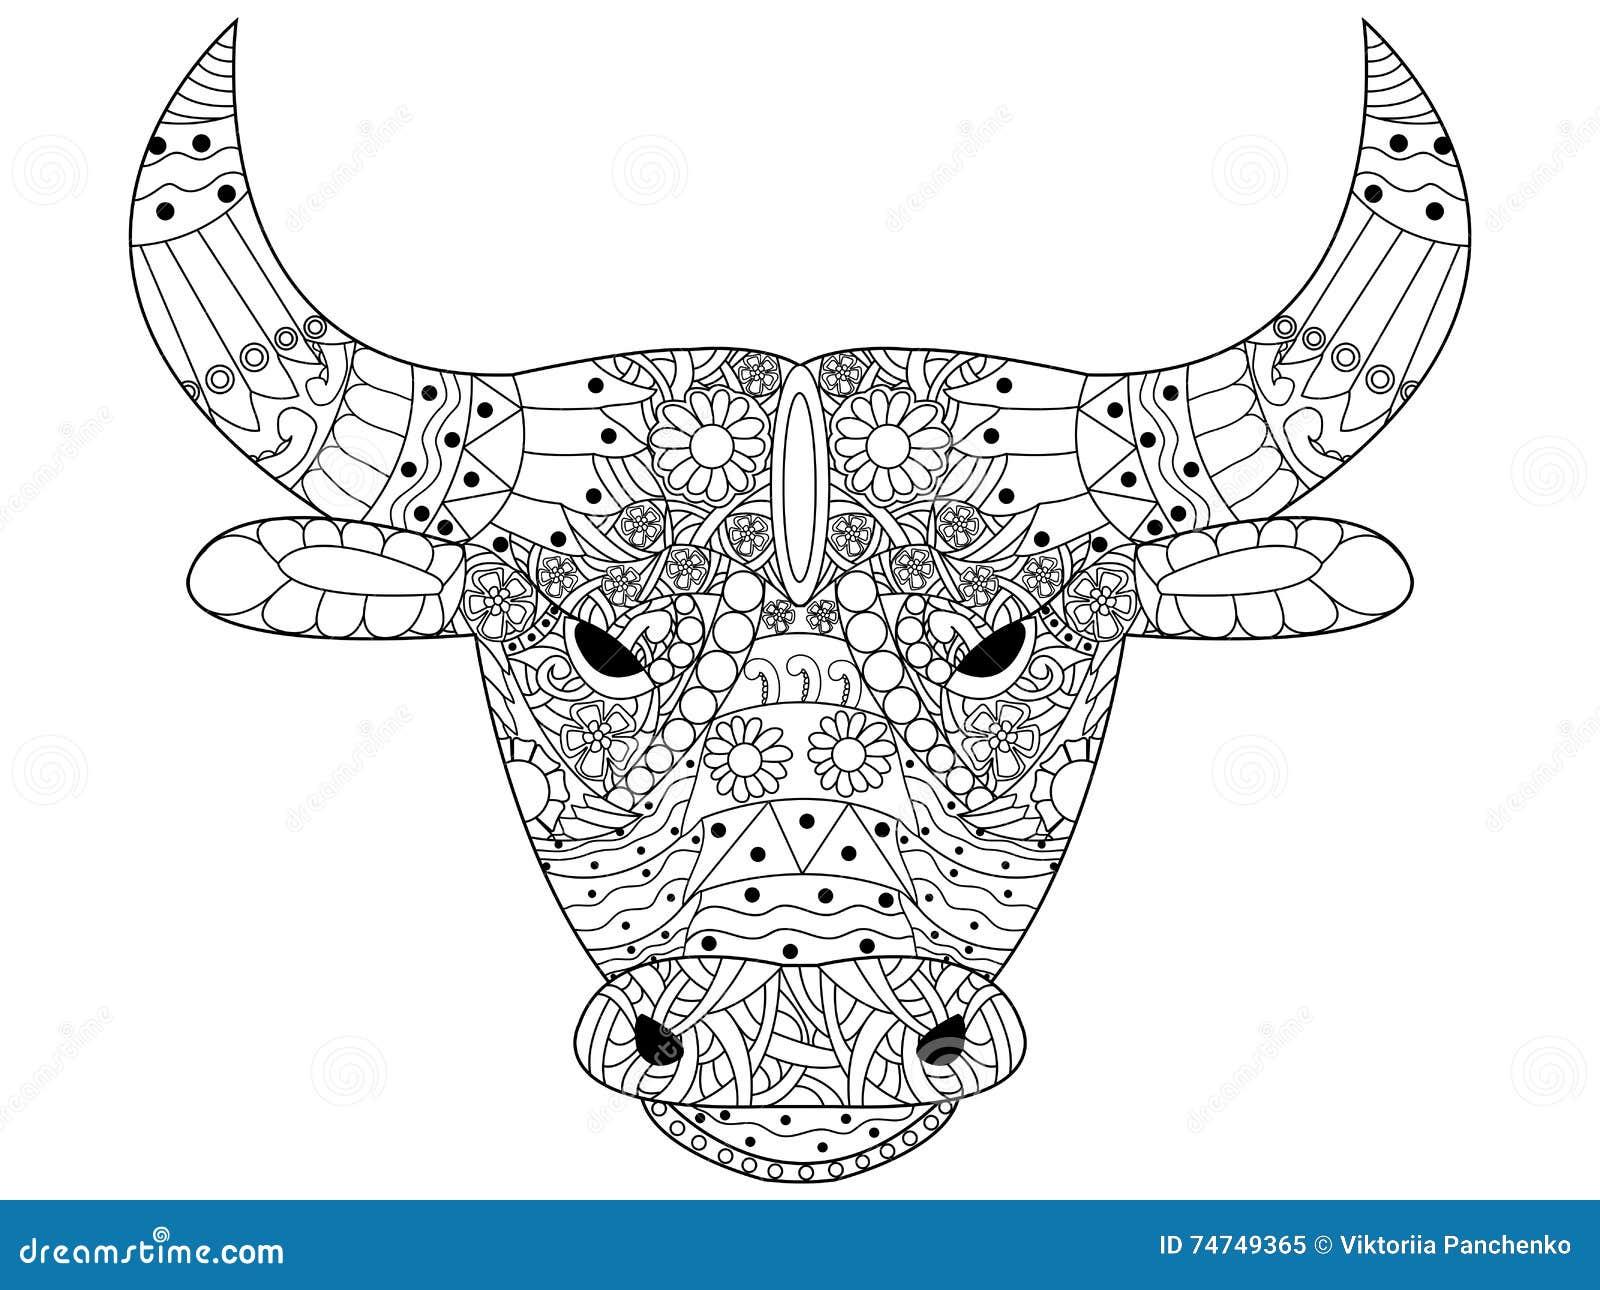 Vector principal del colorante del toro para los adultos - Dessin de toro ...